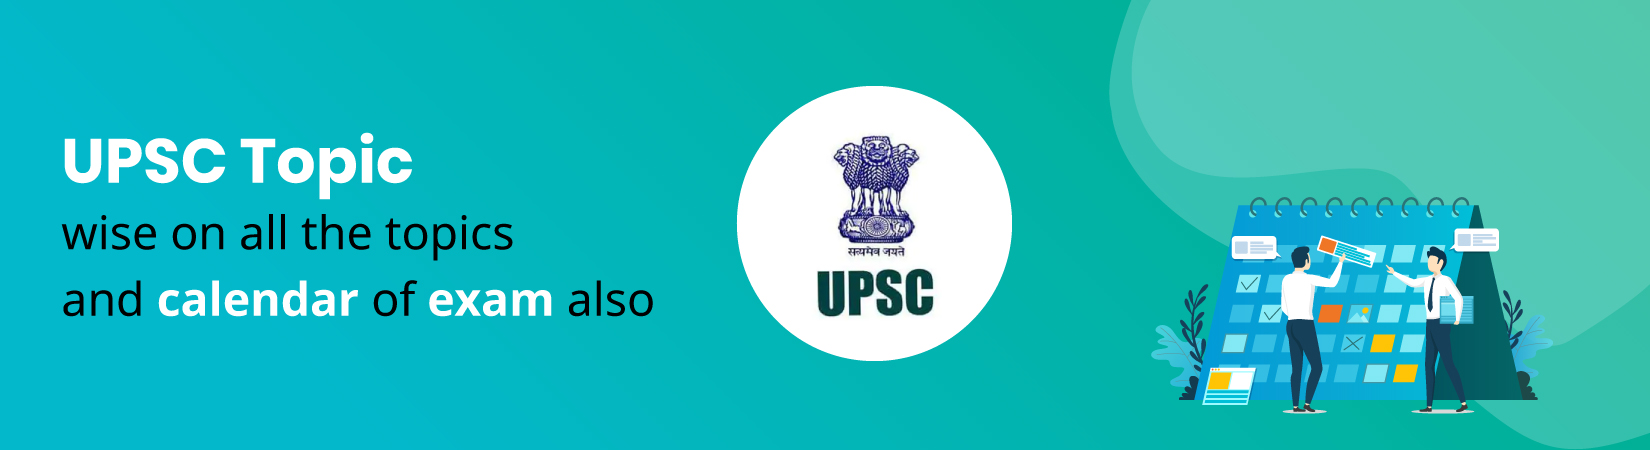 UPSC IAS syllabus 2020